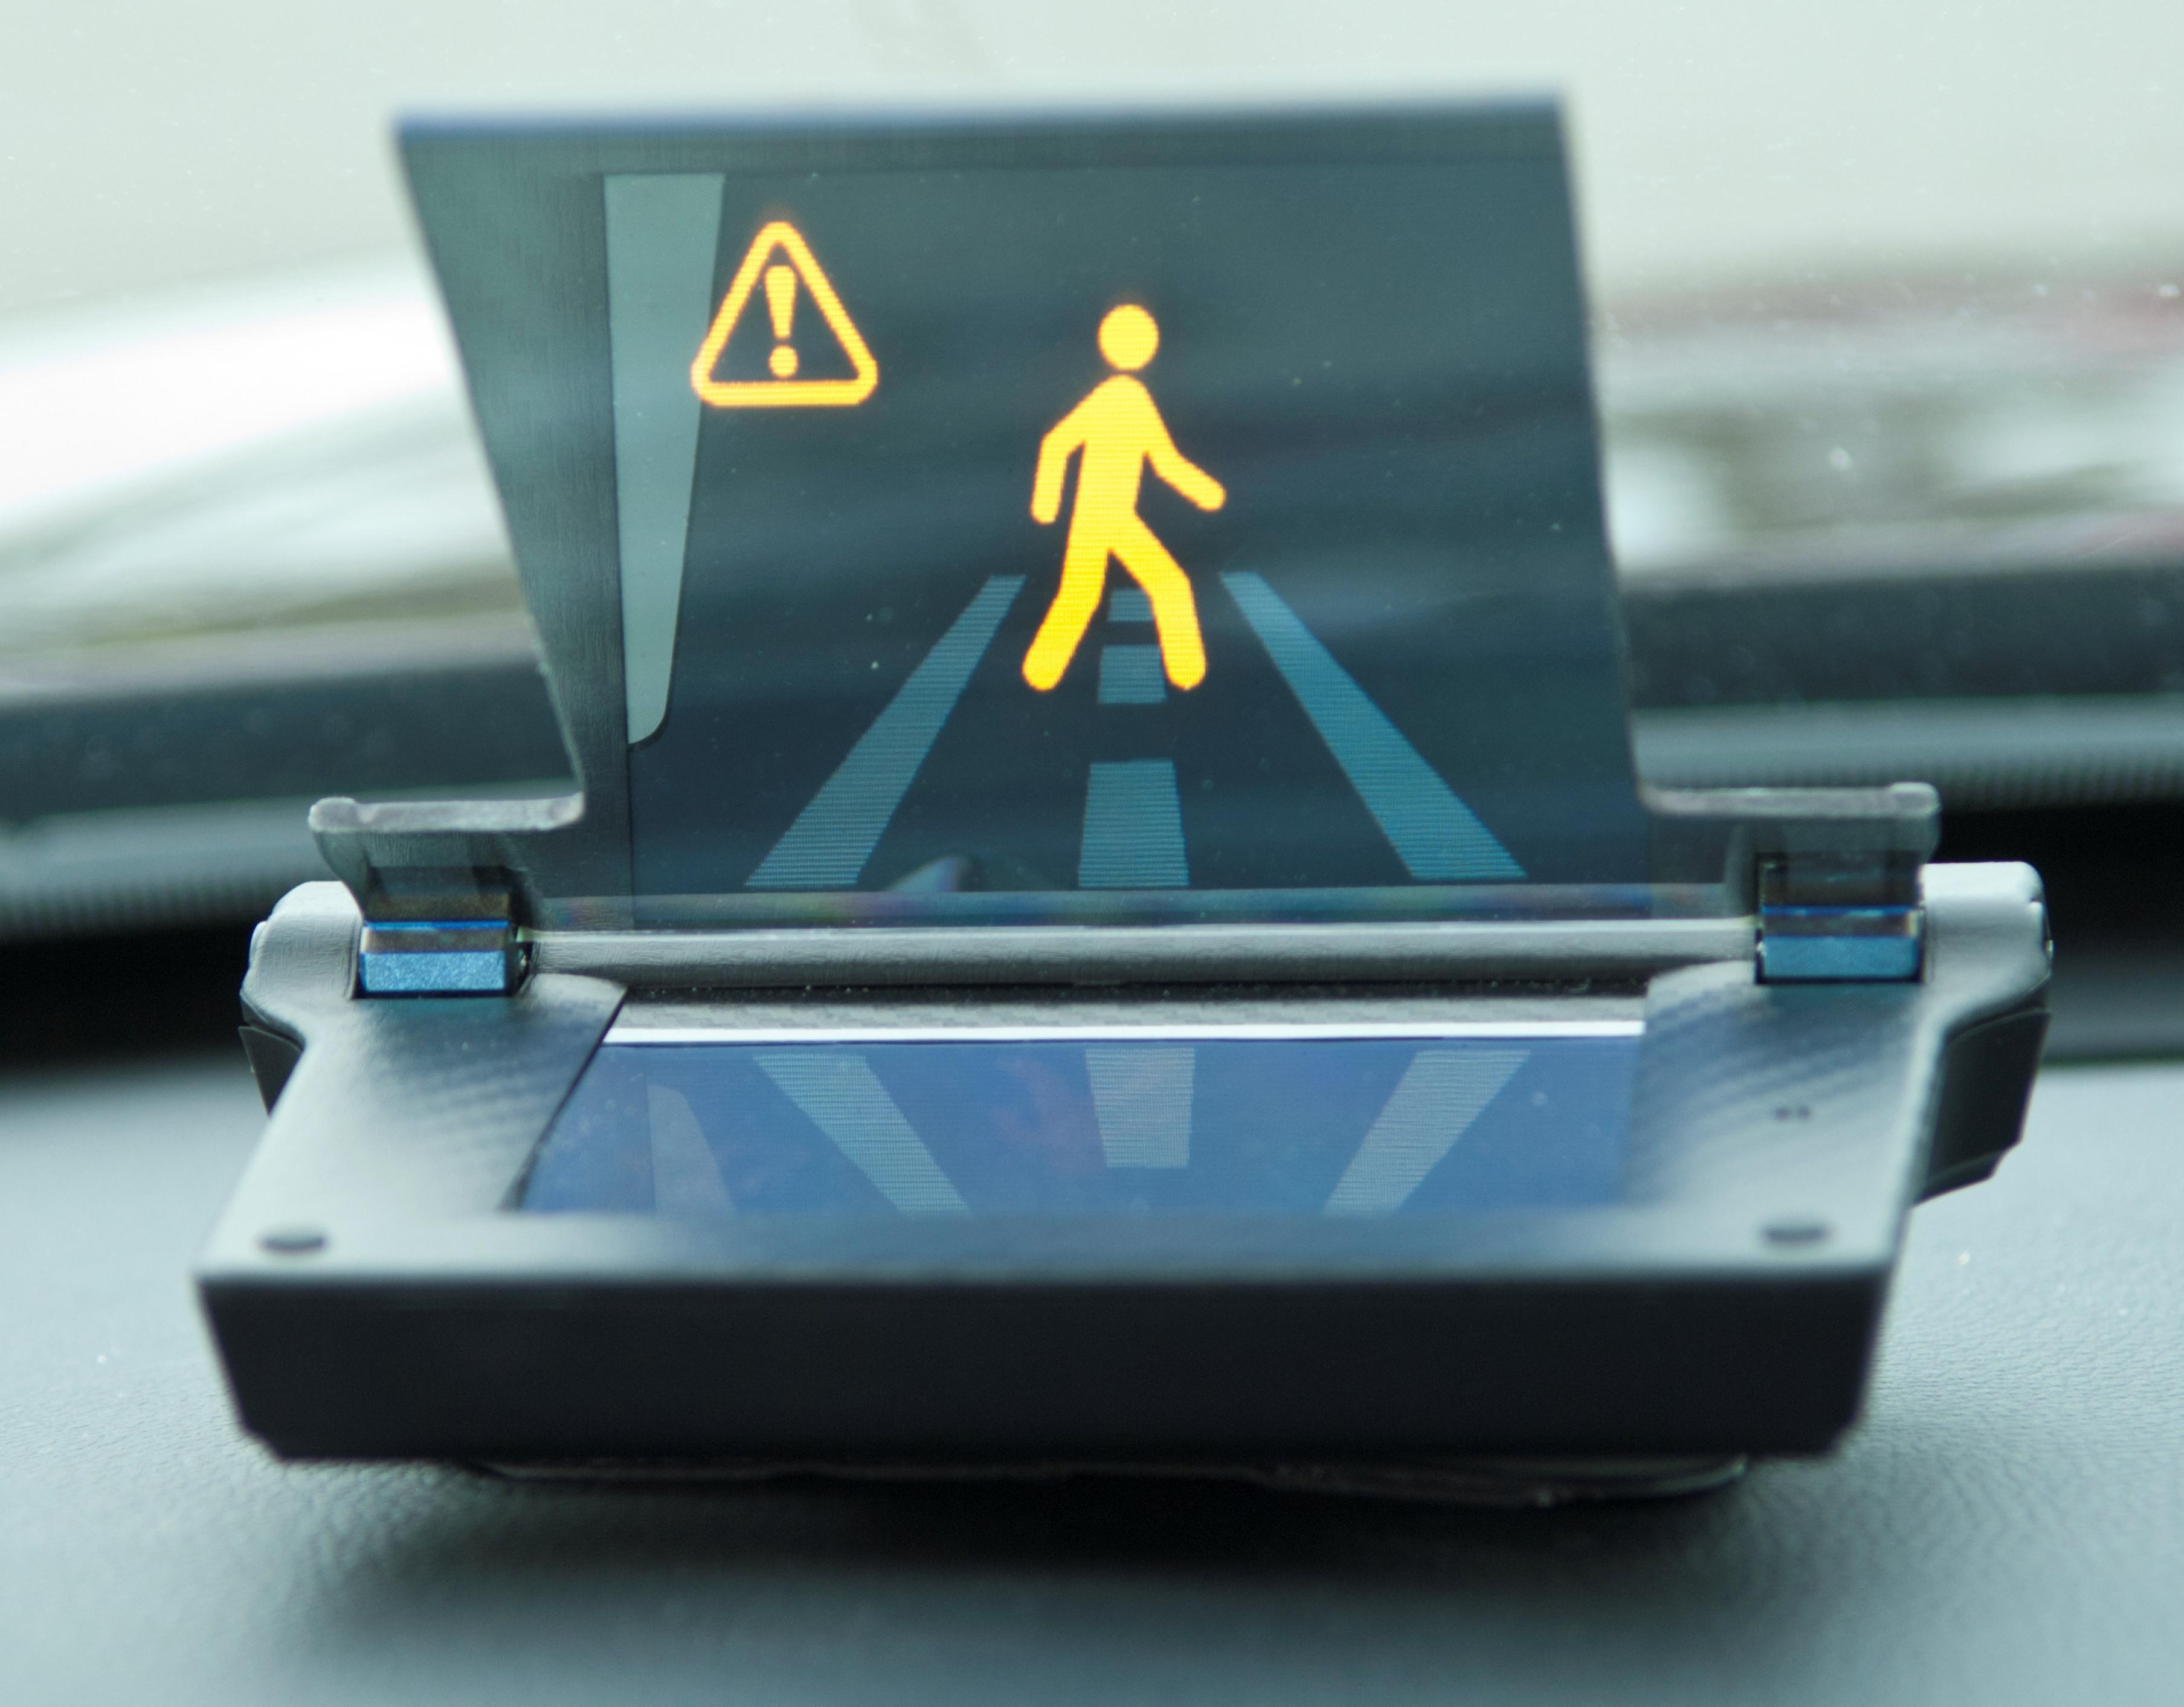 、大众宣布智能路口研究新进展. 以安全为重点